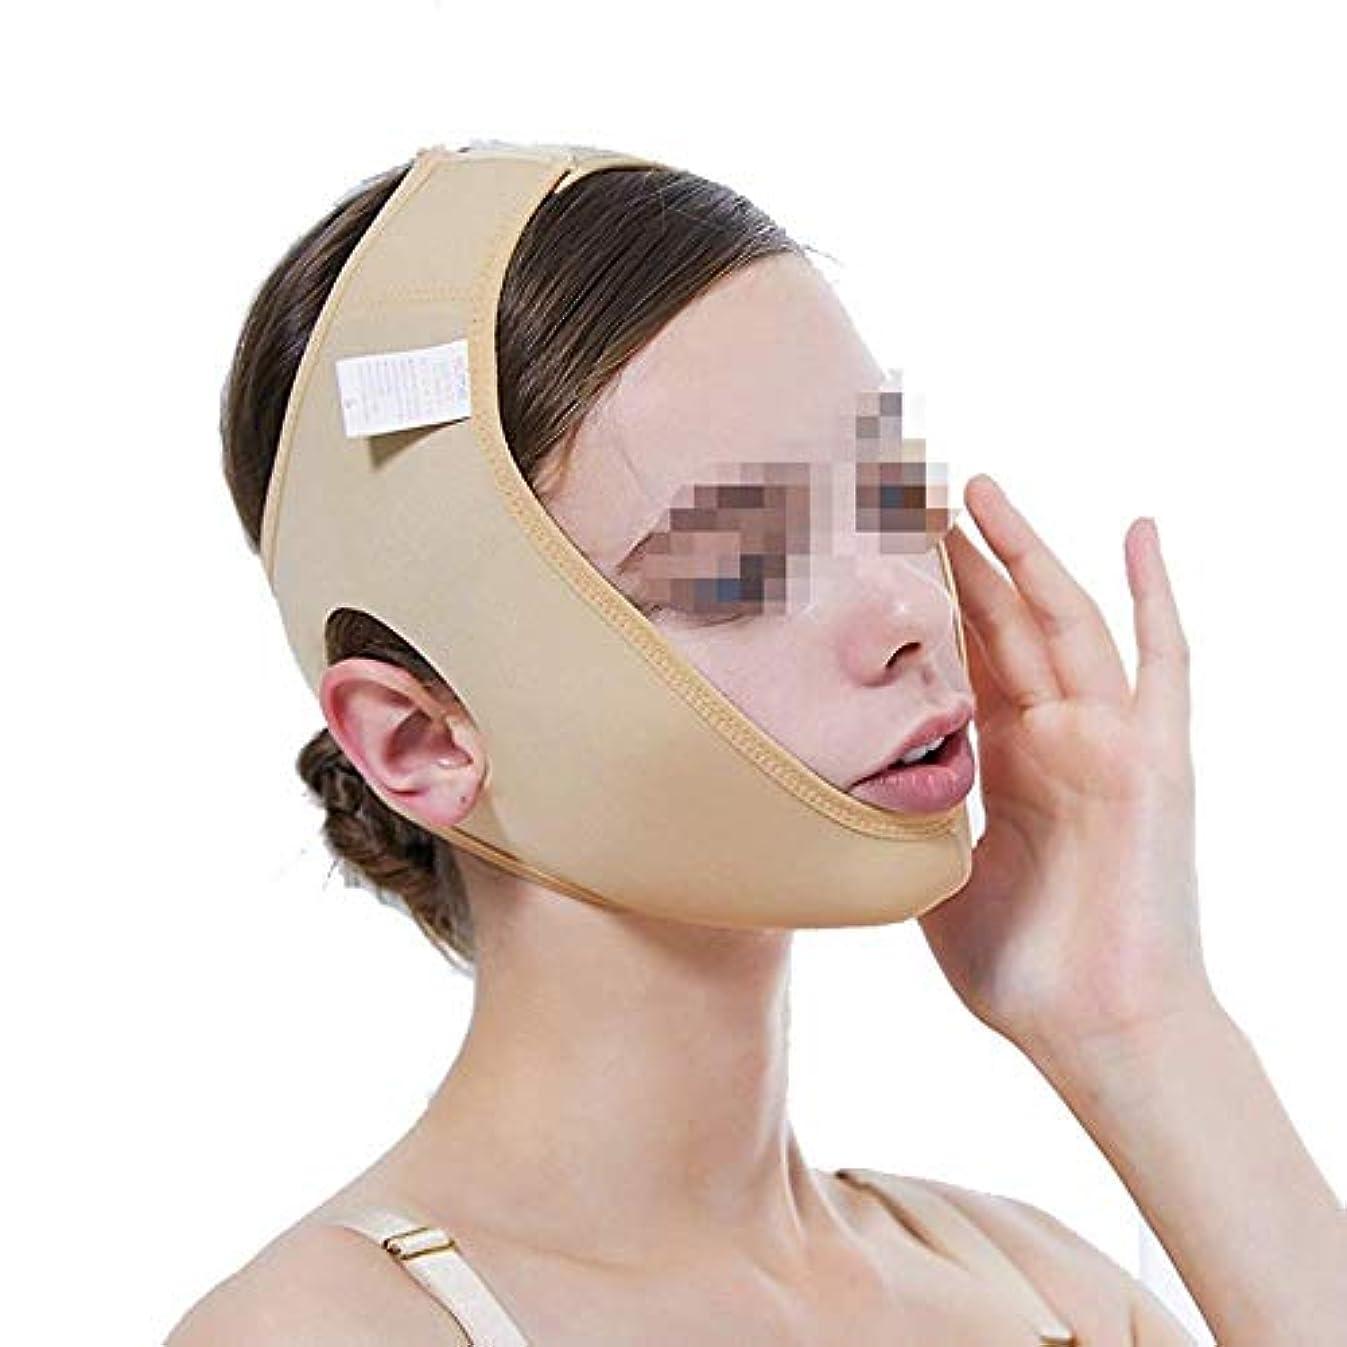 四面体横たわる論理的術後ヘッドギア、薄型ダブルチンVフェイスビームフェイスジョーセットフェイスマスクマルチサイズオプション(サイズ:L)